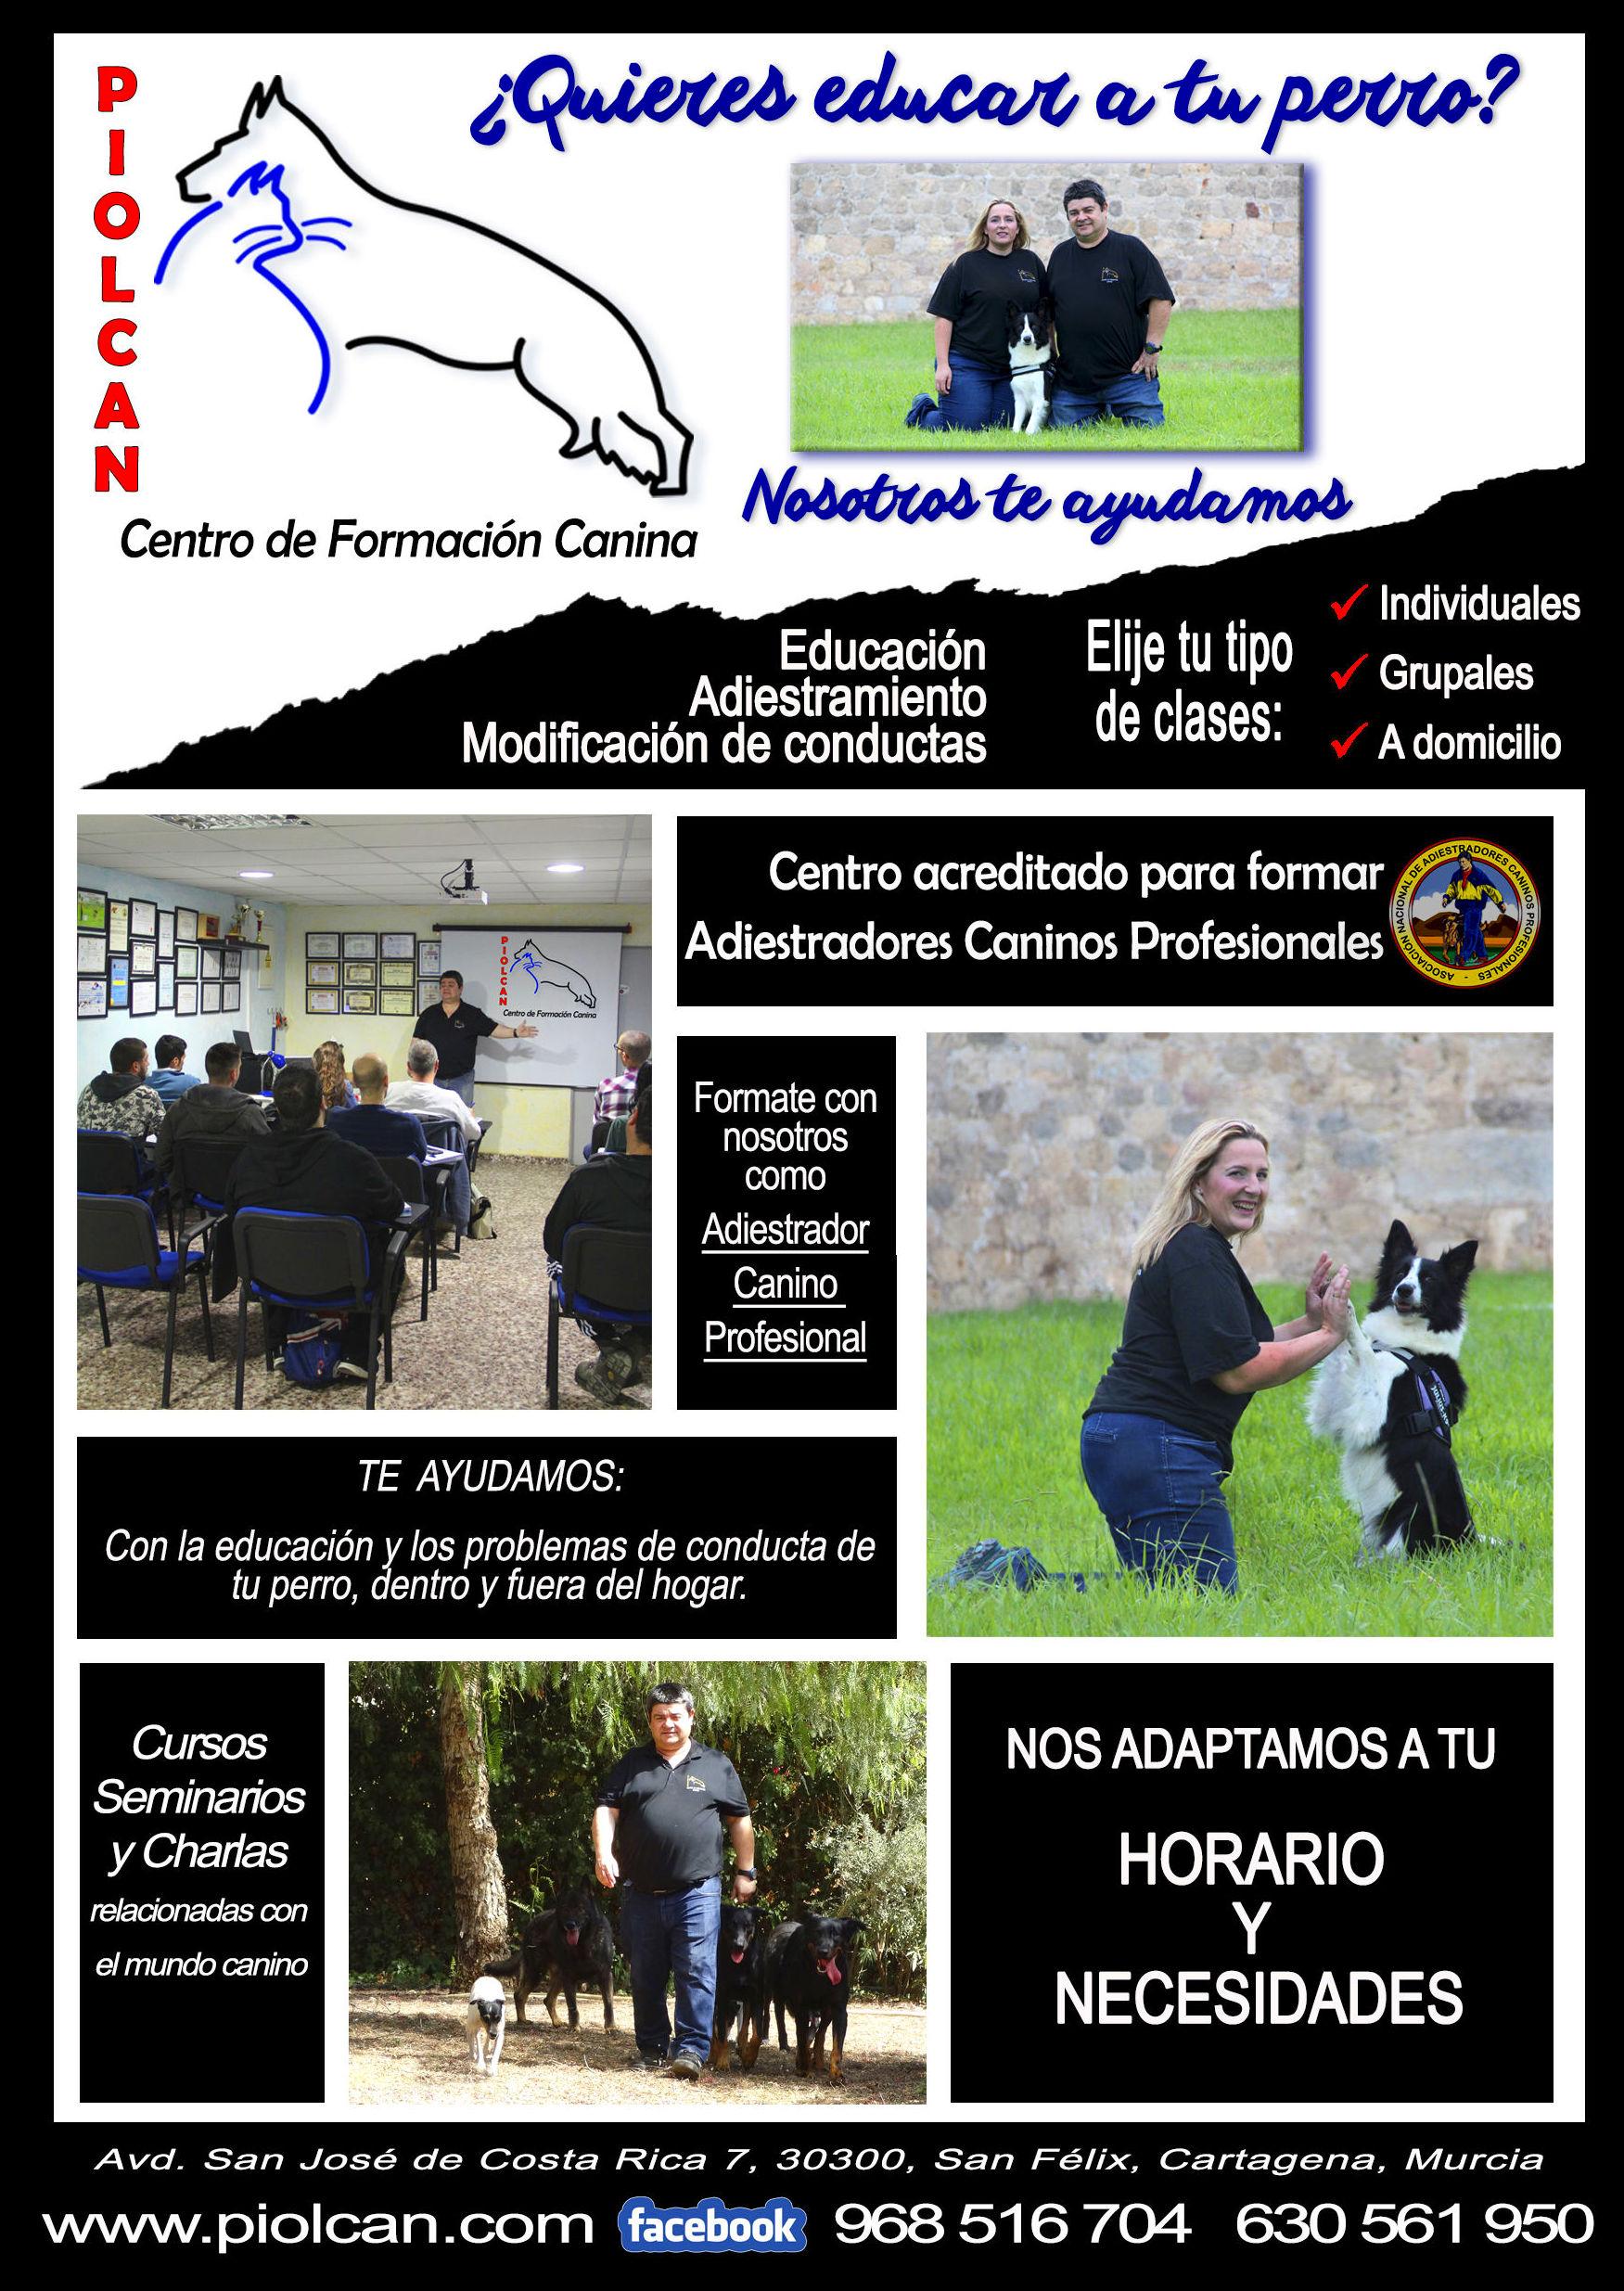 Foto 2 de Adiestramiento canino en Cartagena | Piolcan Adiestramiento Canino y Centro de formación